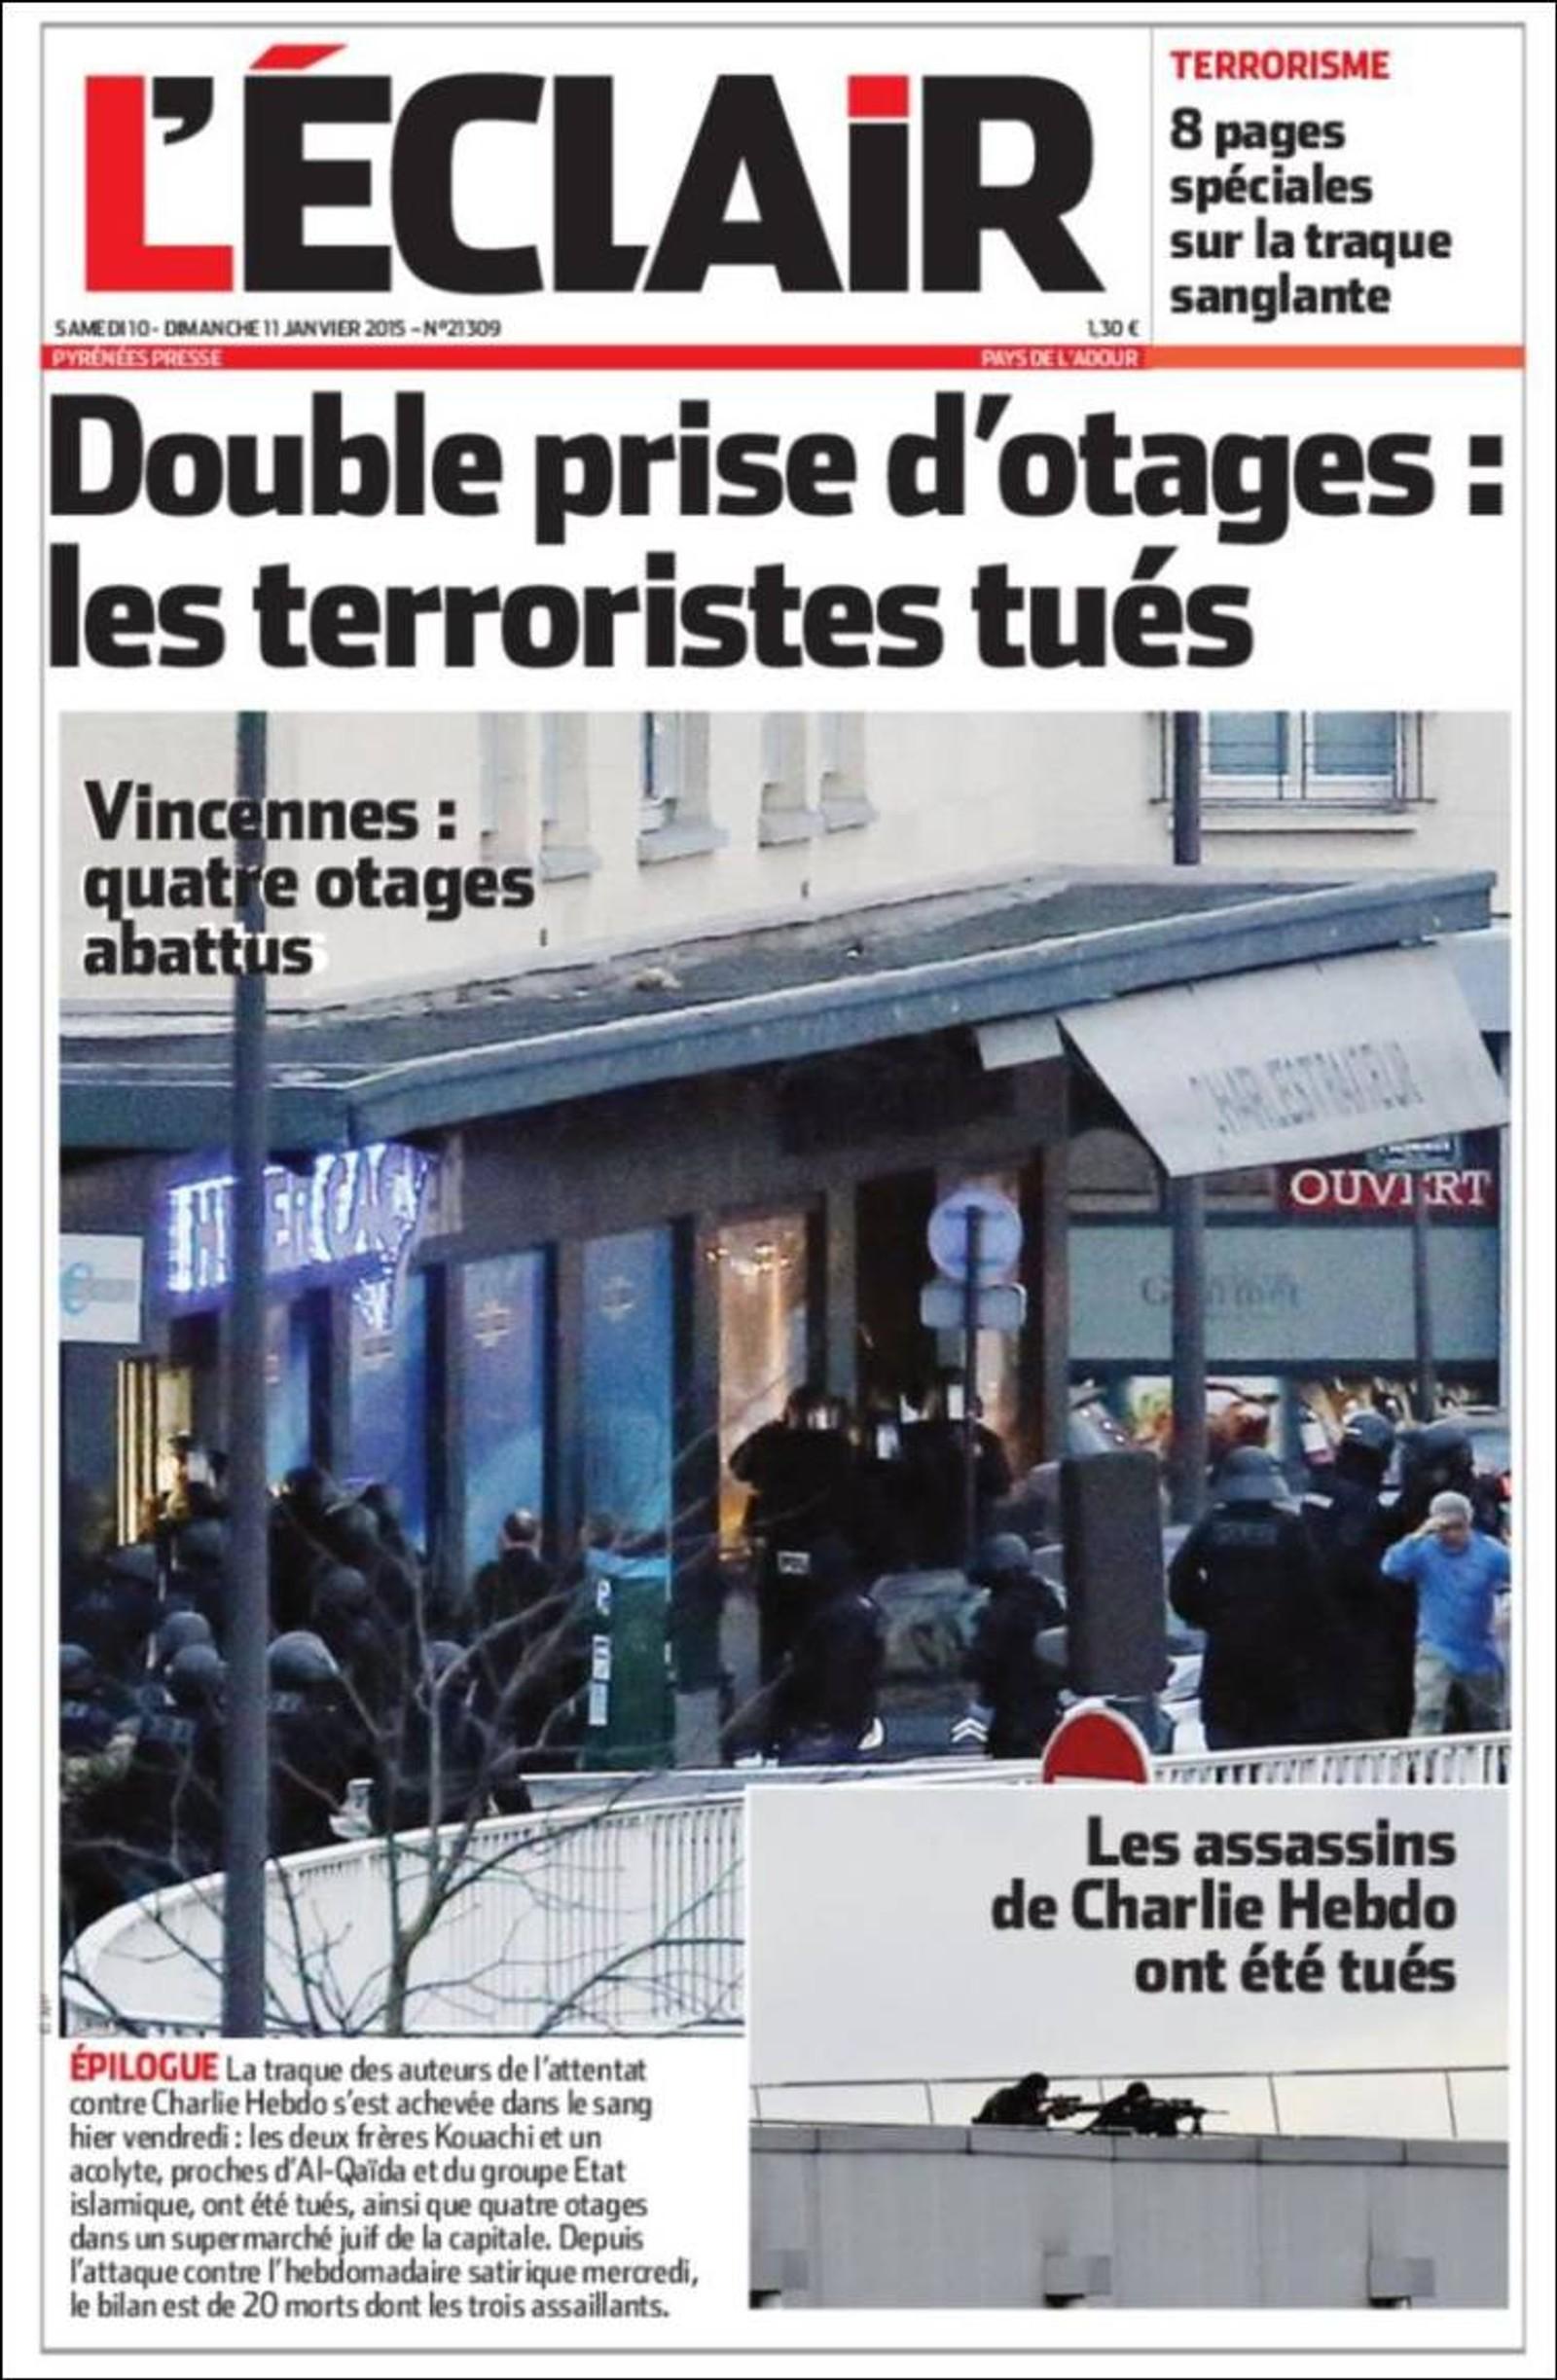 L'Eclair: Dobbel gisseltaking: Terroristene er drept.